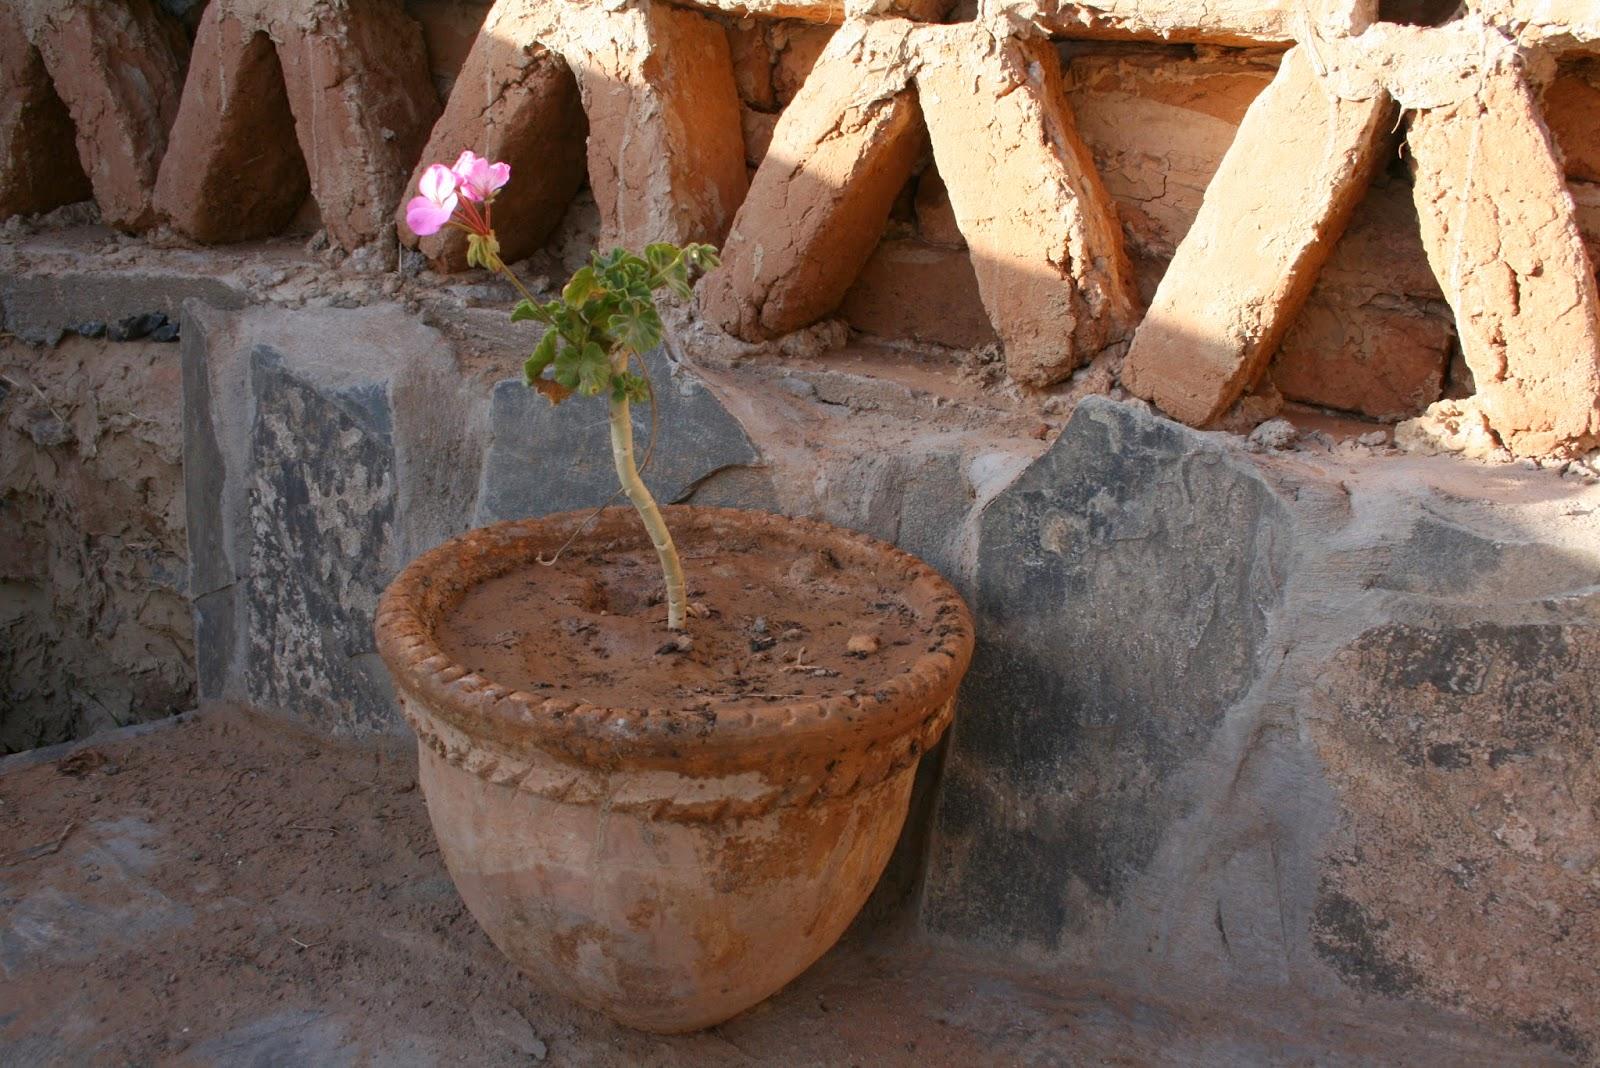 arfoud, desierto de marruecos, viajar a marruecos, marrakech, felicidad